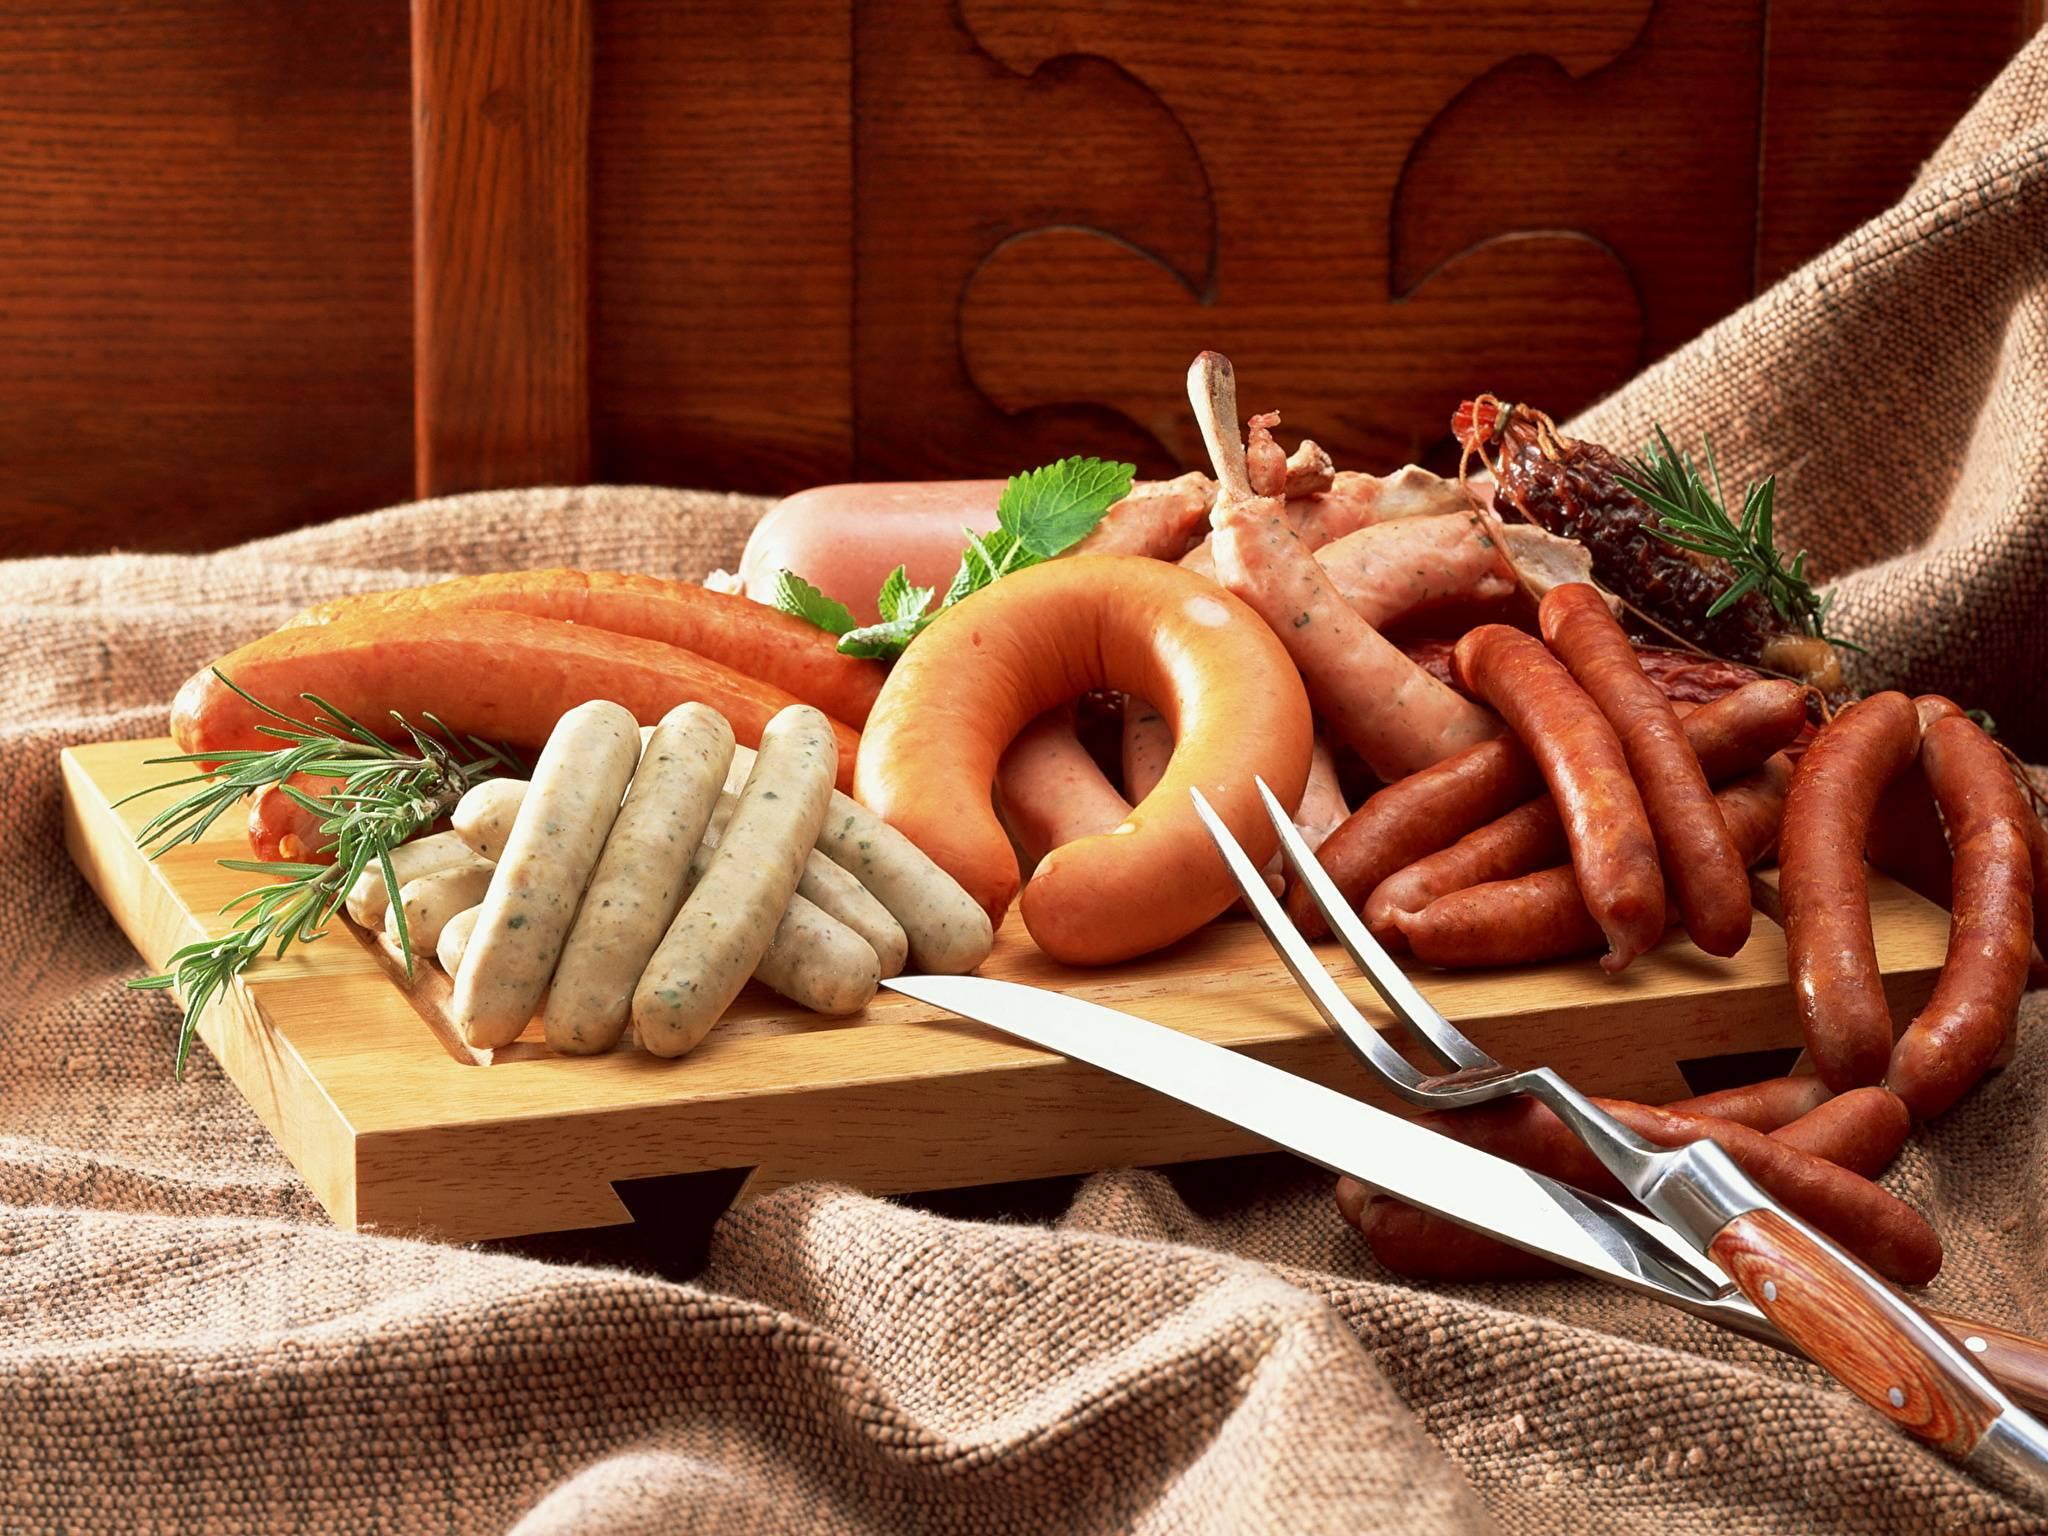 Можно ли кормящей маме копченые продукты: рыбу, колбасу, сыр